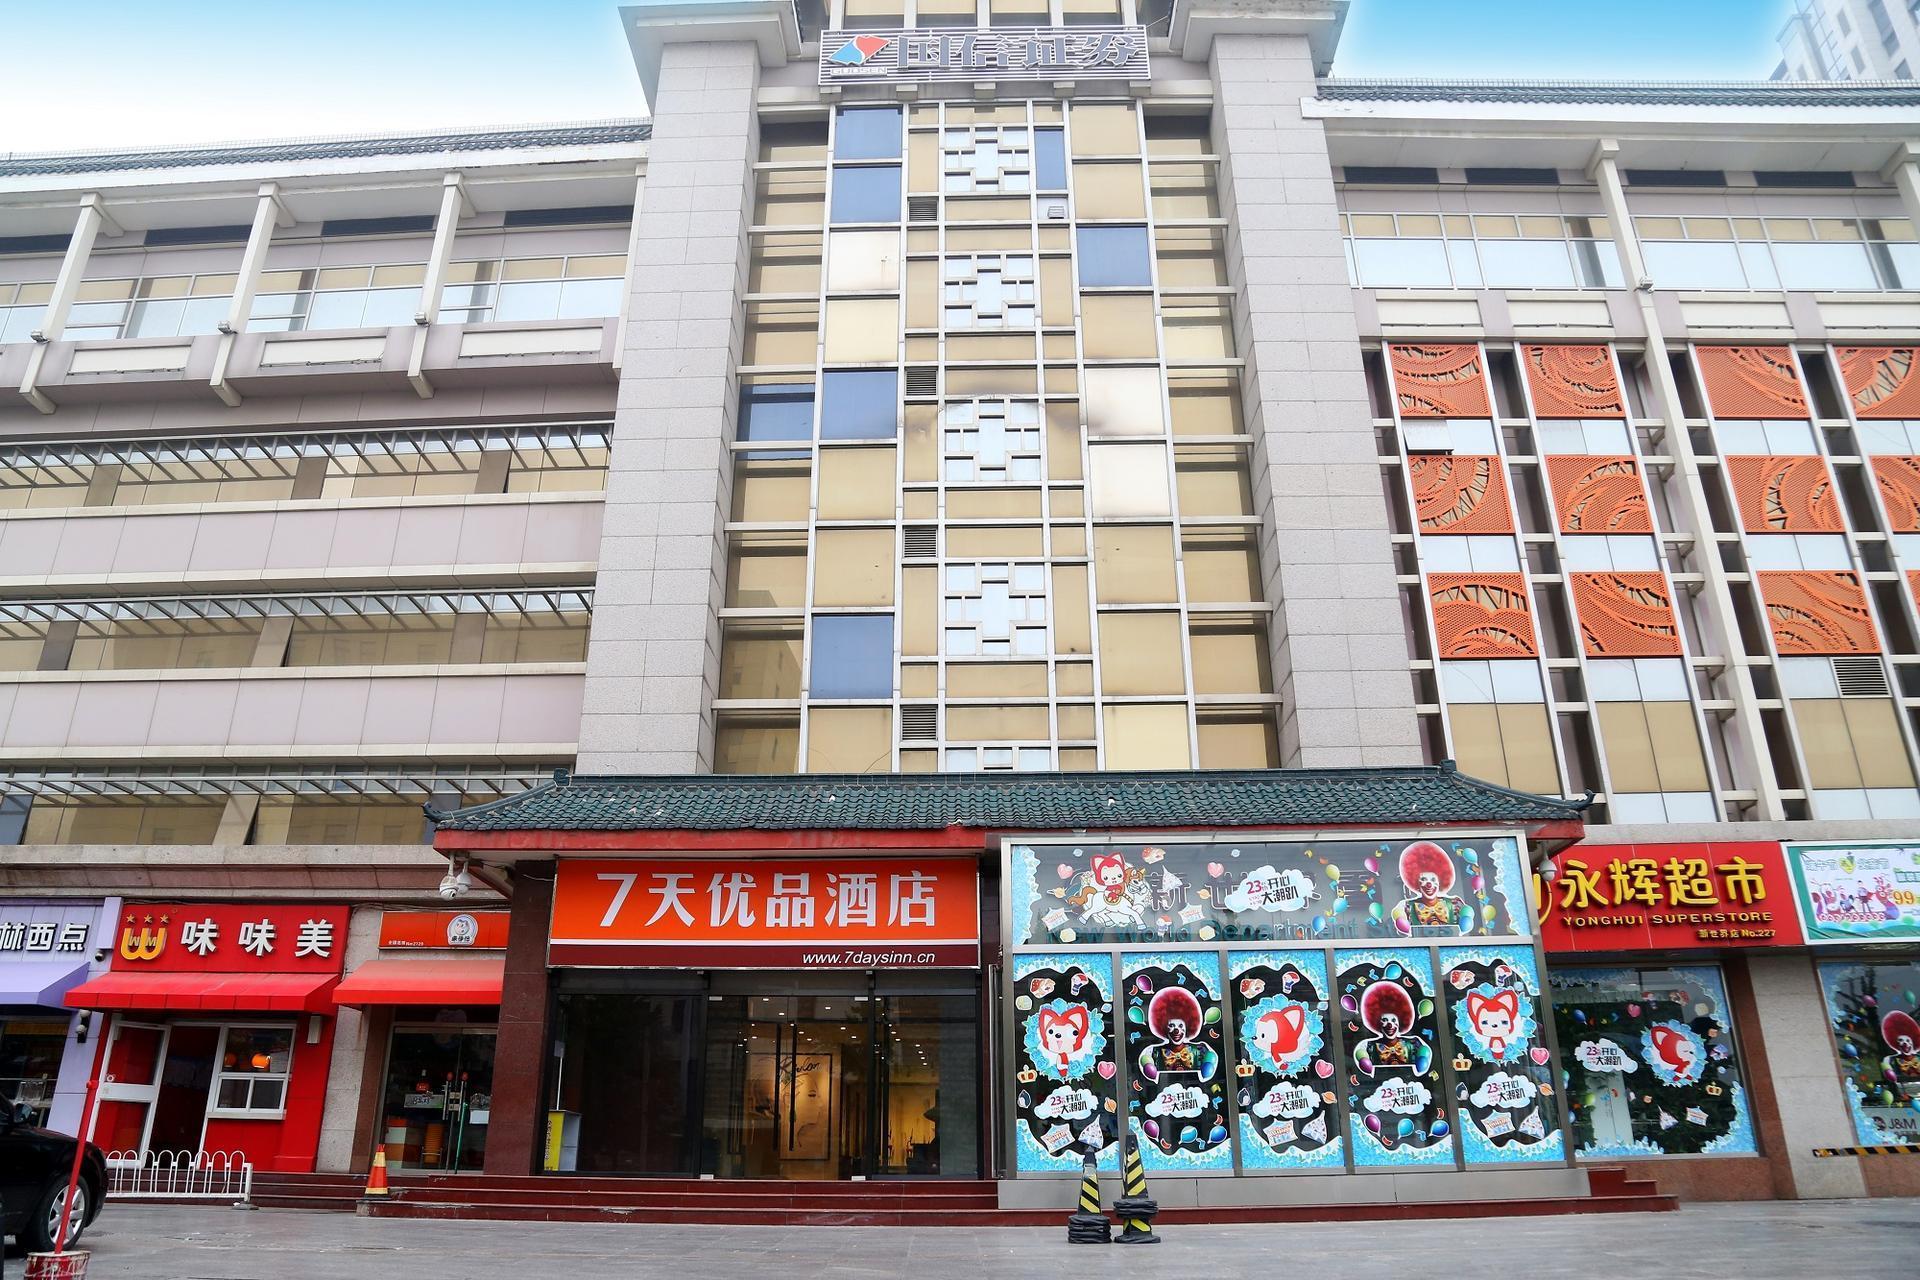 7 Days Premium Beijing Shunyi New World Department